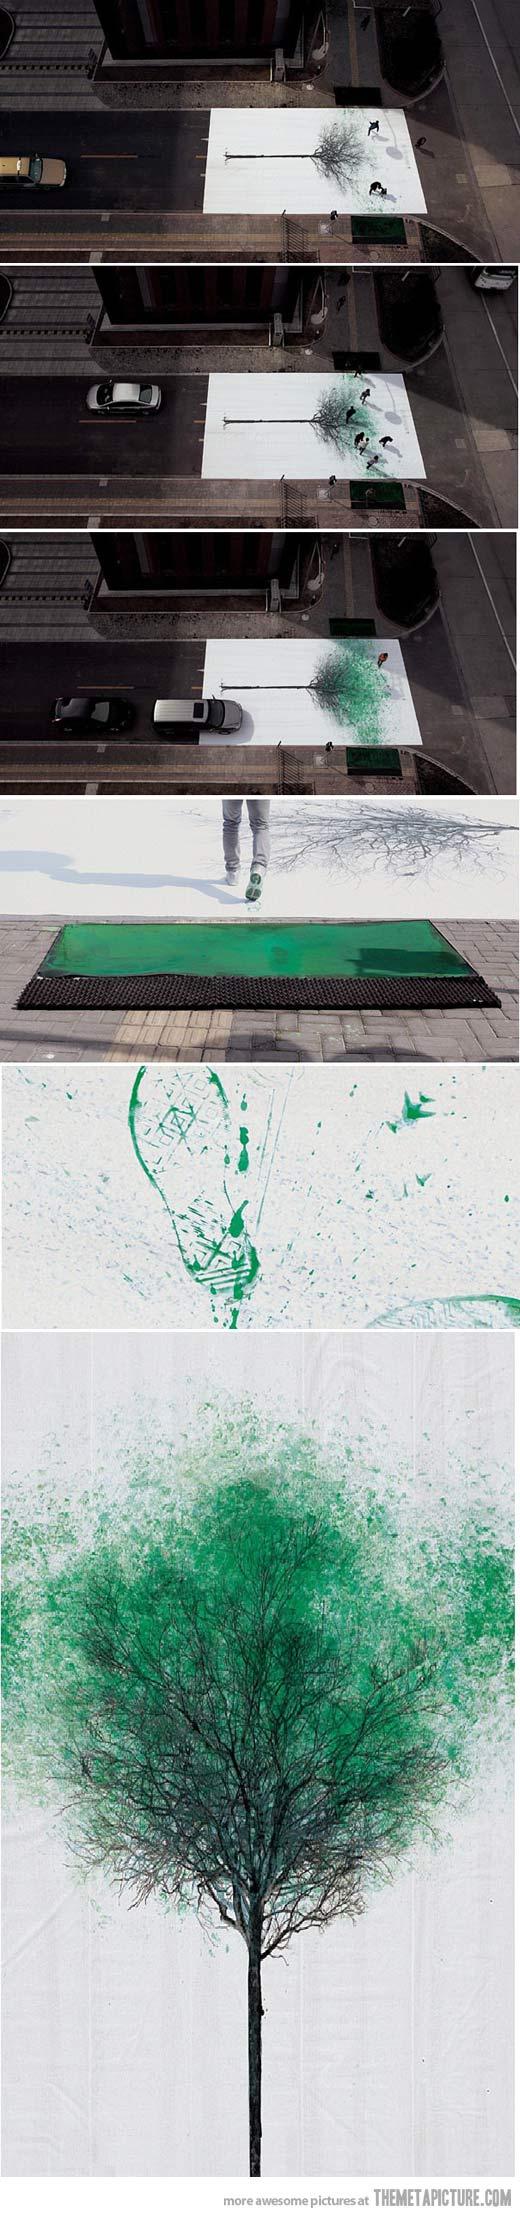 tree-street-art-footsteps-paint